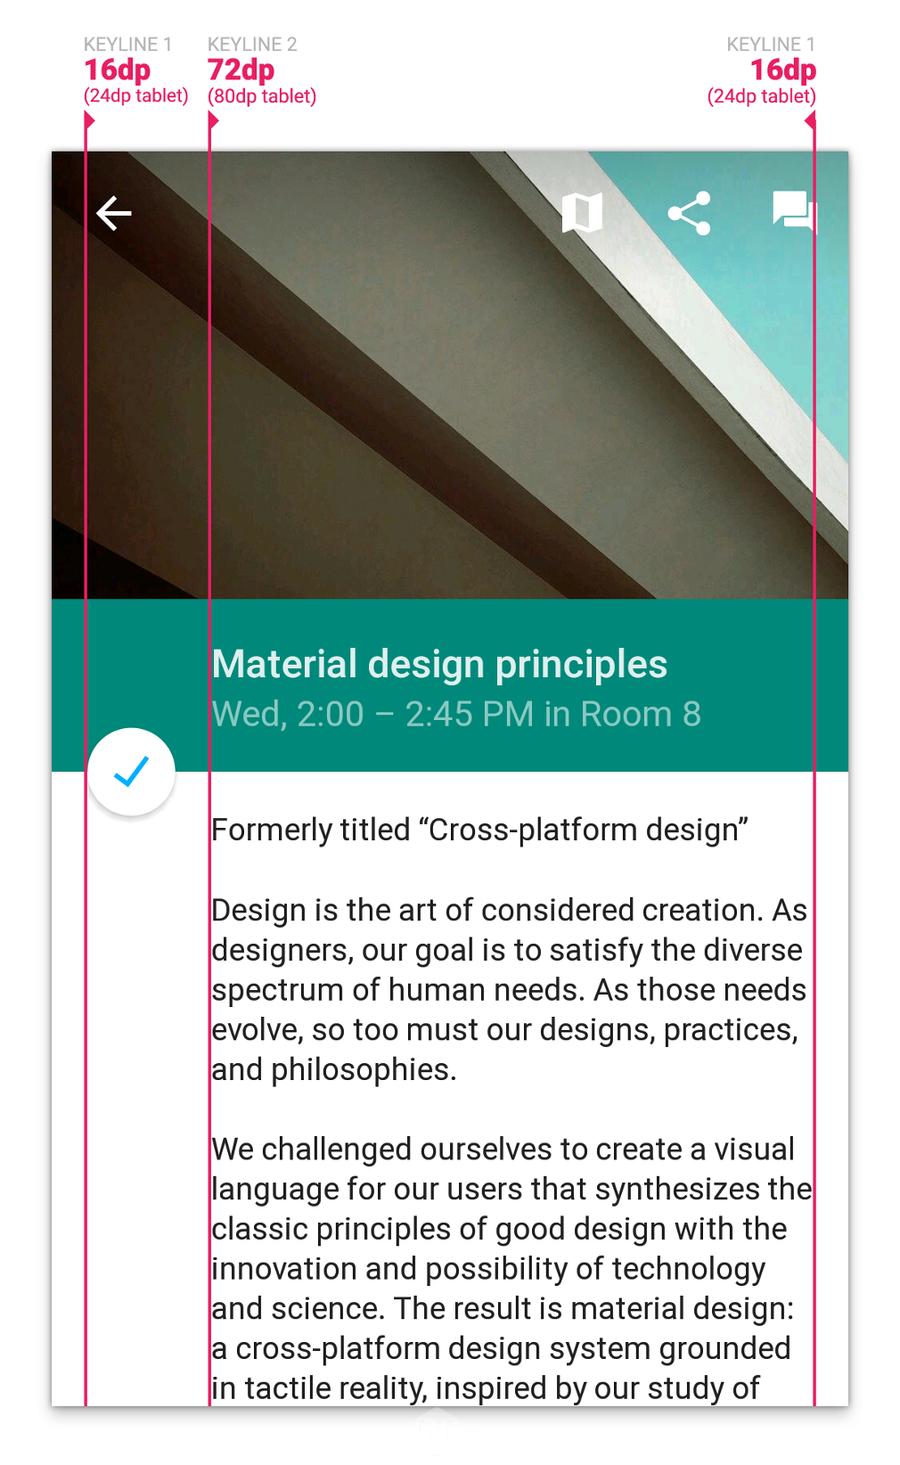 超赞!谷歌设计师的Material Design实践心得